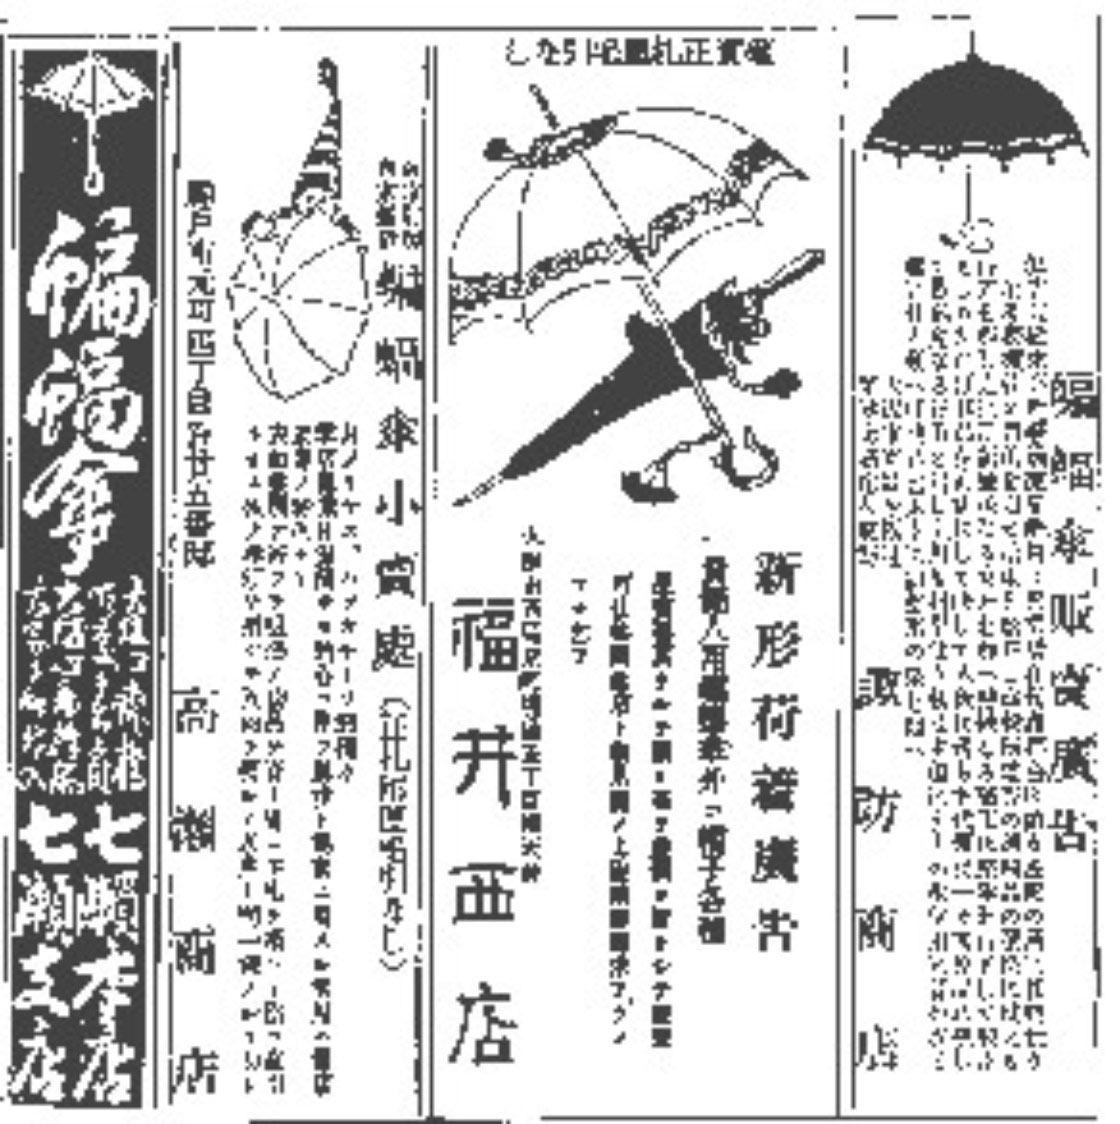 明治時代の傘広告